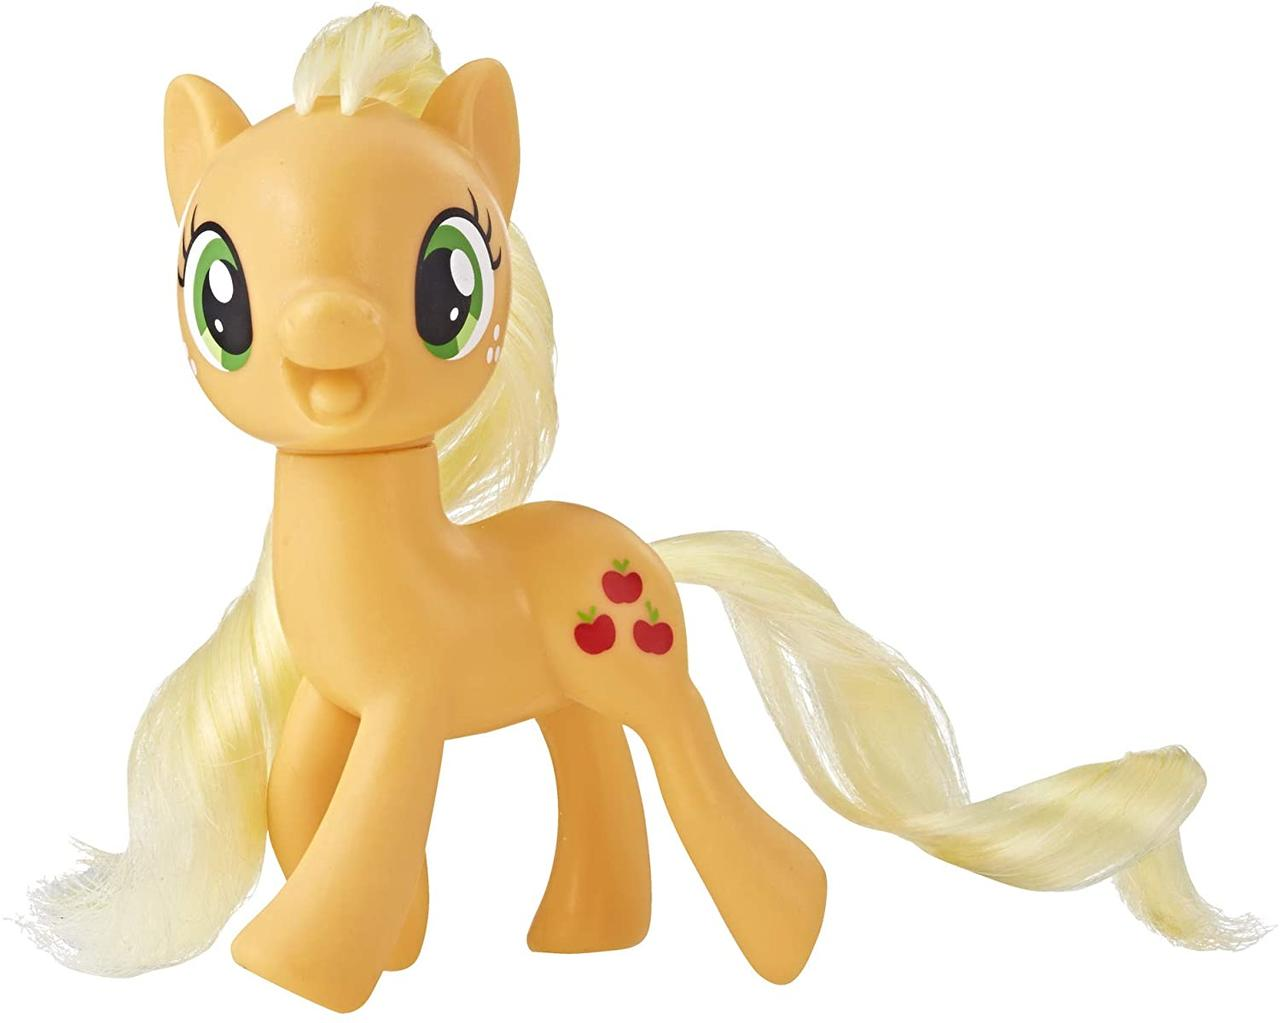 Пони фигурка Эпплджек Май Литл Пони классическая My Little Pony Mane Pony Applejack Hasbro